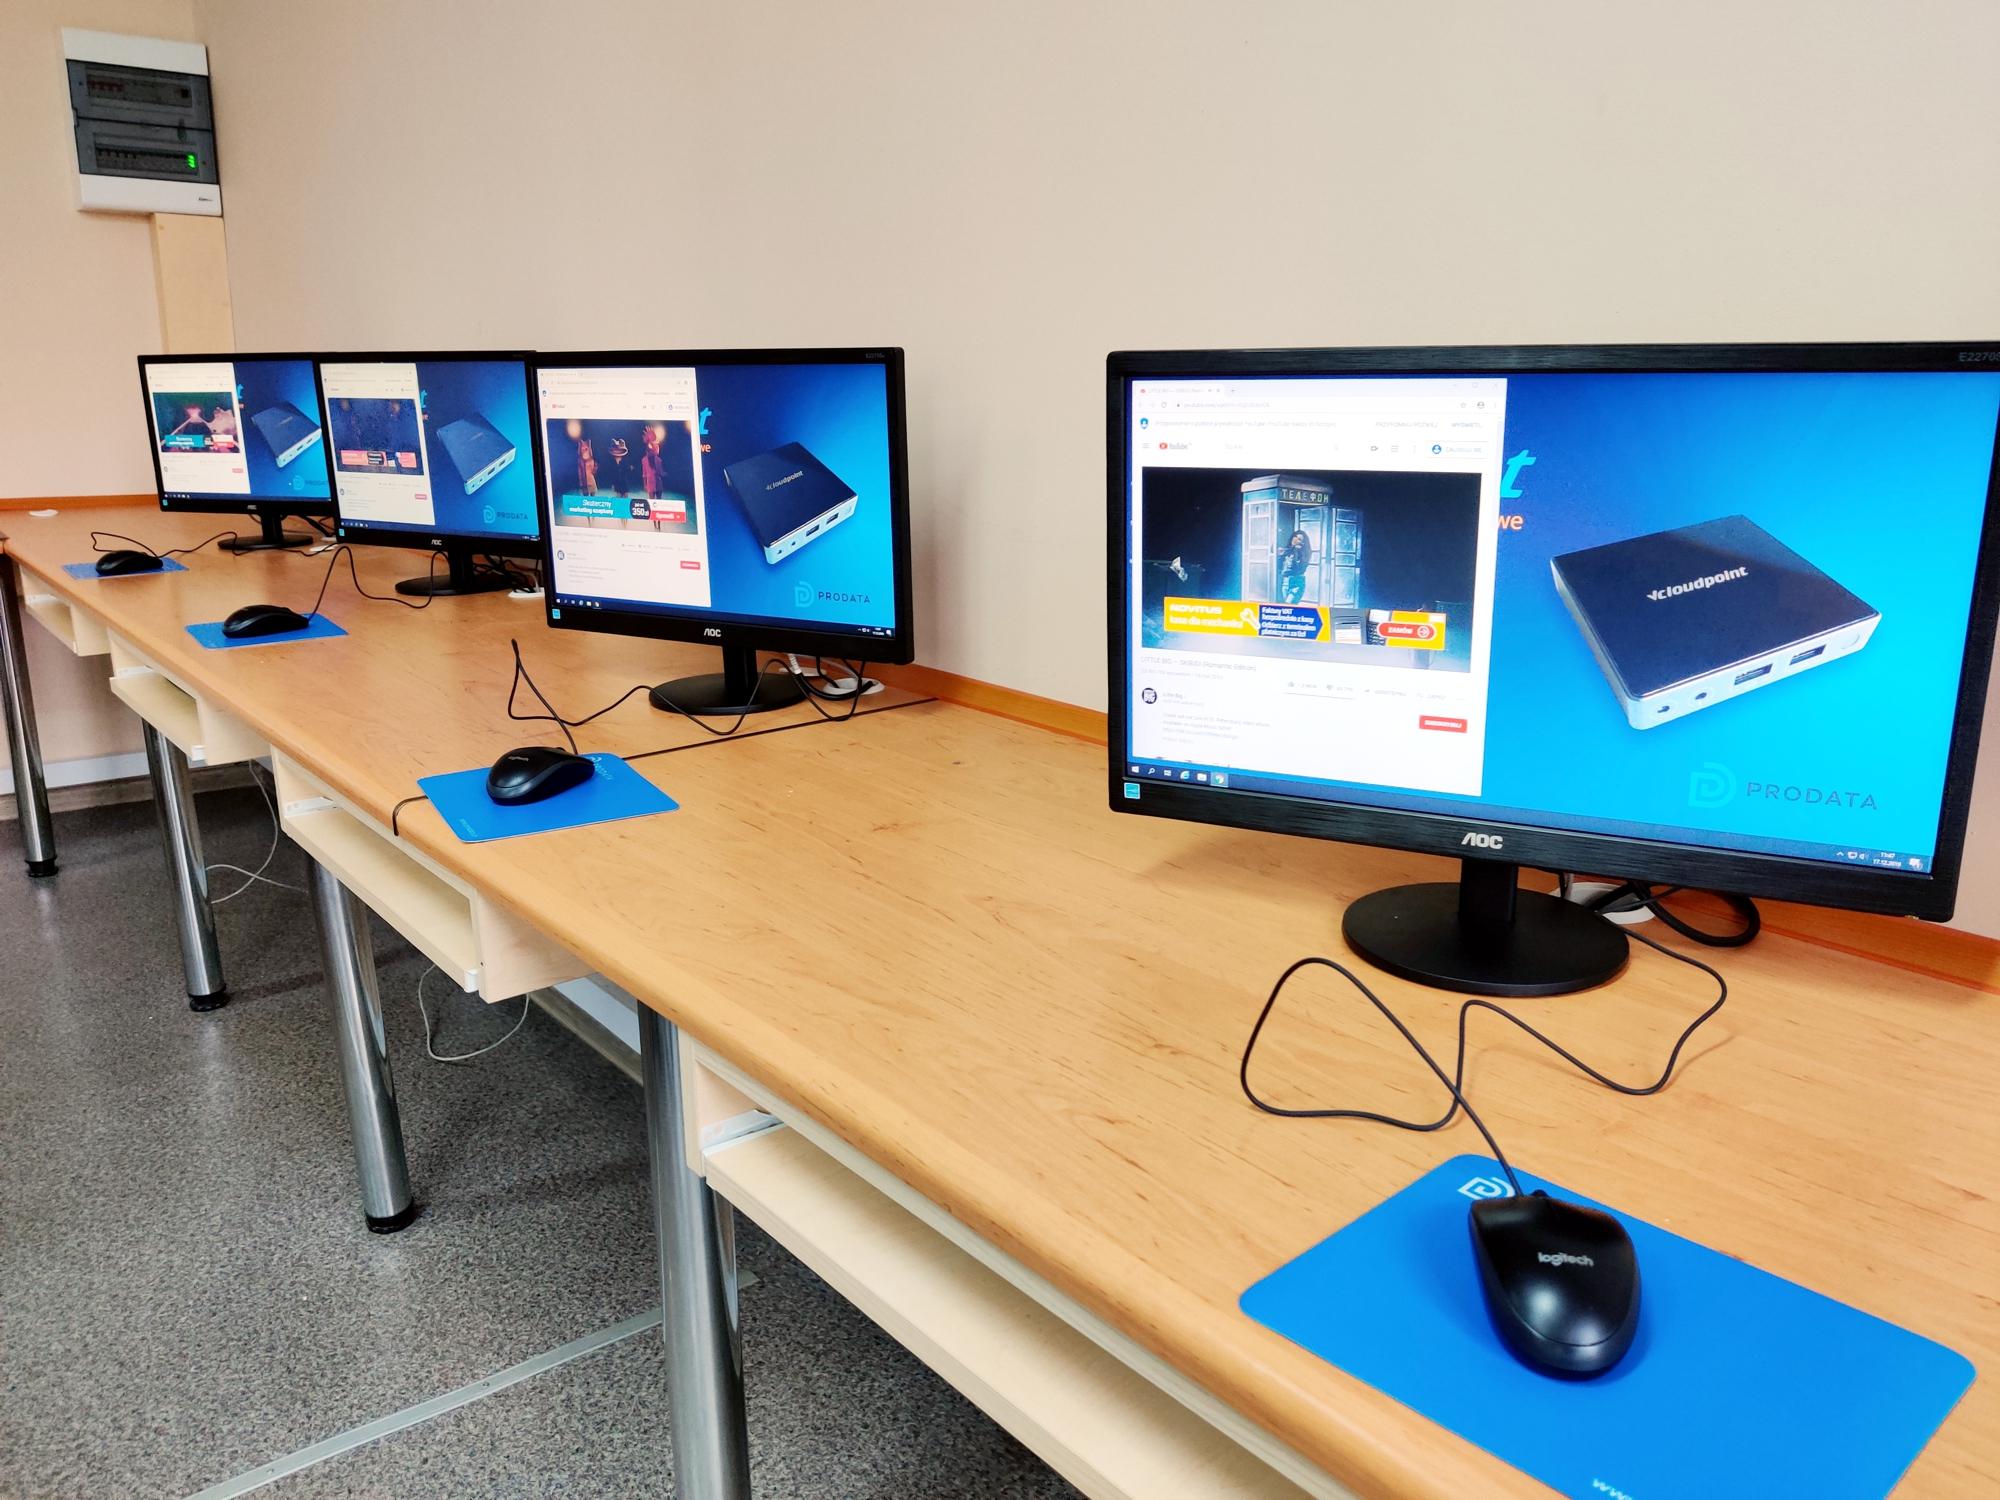 Terminale komputerowe vCloudPoint - pracownia komputerowa w szkole podstawowej w Połczynie